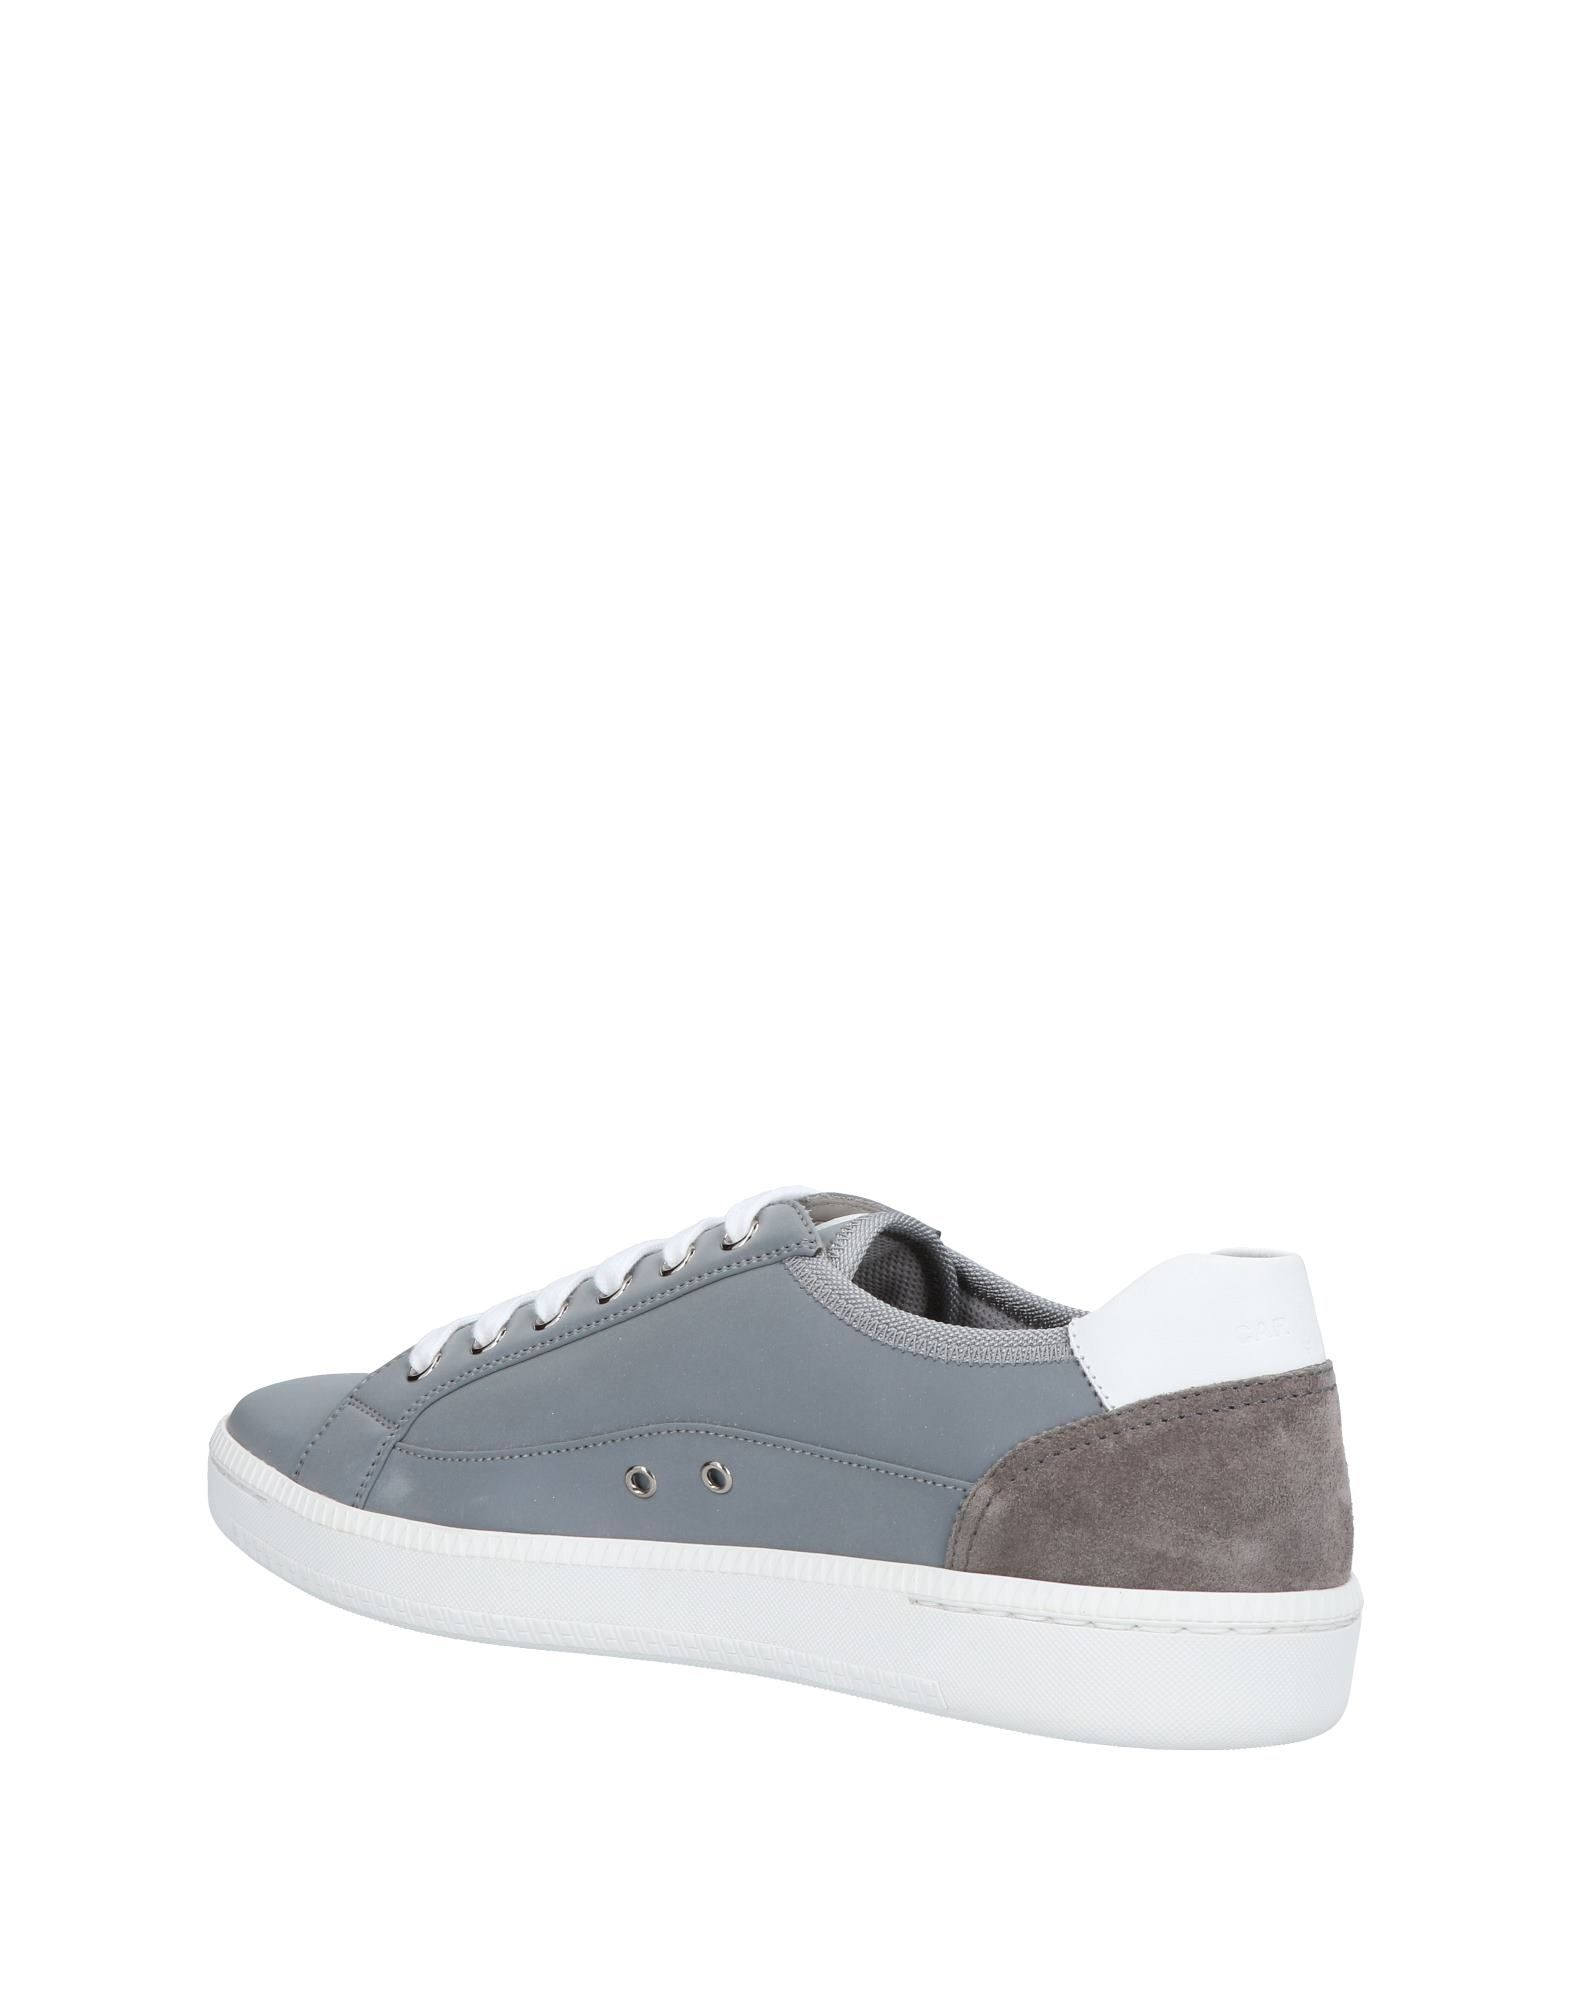 Sneakers Carshoe Homme - Sneakers Carshoe sur